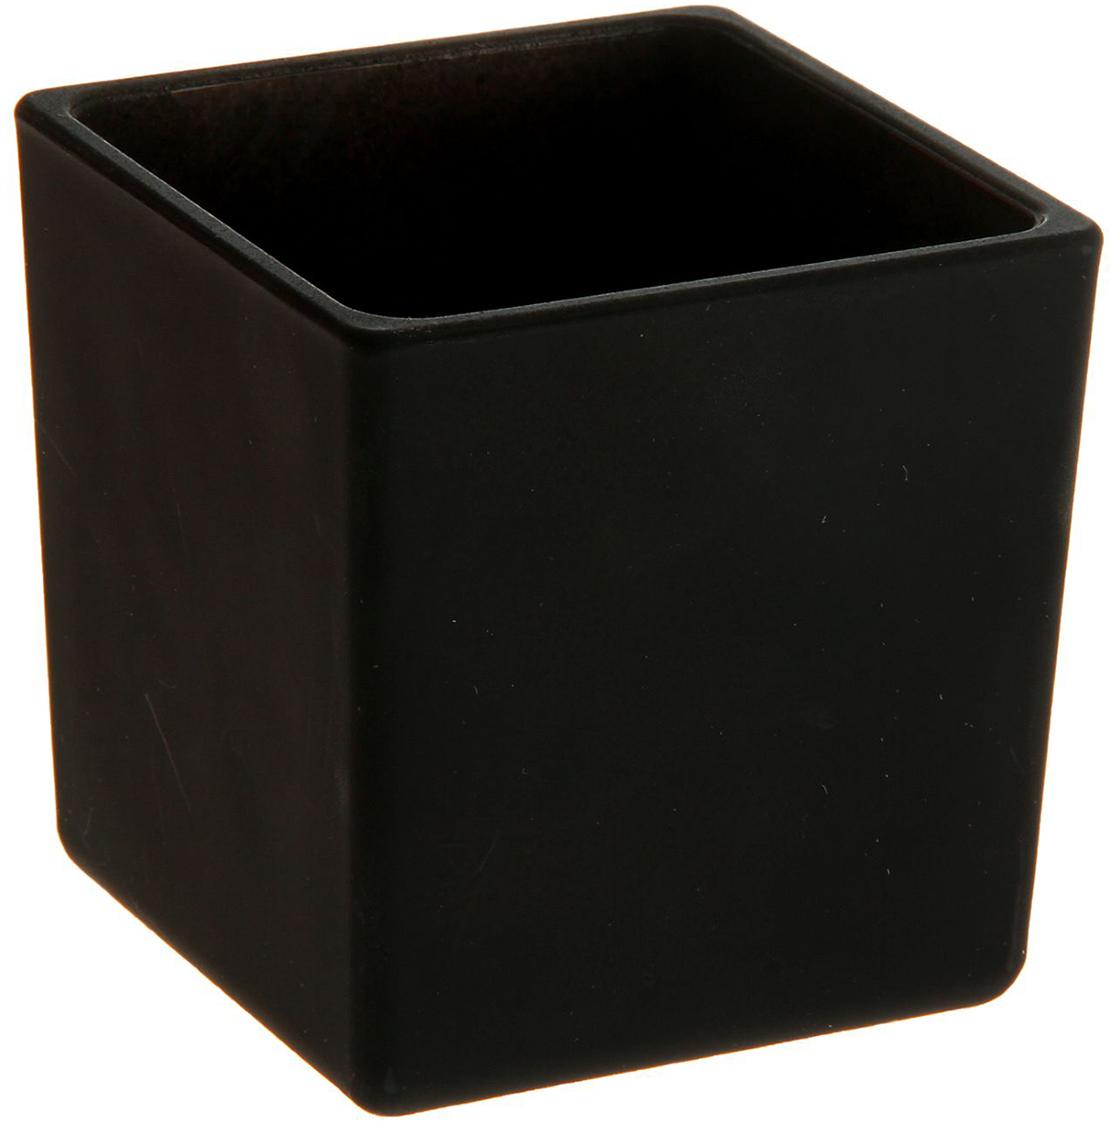 Ваза Evis Пять вечеров, цвет: черный, 0,25 л. 11698771169877Ваза - не просто сосуд для букета, а украшение убранства. Поставьте в неё цветы или декоративные веточки, и эффектный интерьерный акцент готов! Стеклянный аксессуар добавит помещению лёгкости. Ваза Пять вечеров чёрная, матовая, квадрат 0,25 л преобразит пространство и как самостоятельный элемент декора. Наполните интерьер уютом! Каждая ваза выдувается мастером. Второй точно такой же не встретить. А случайный пузырёк воздуха или застывшая стеклянная капелька на горлышке лишь подчёркивают её уникальность.